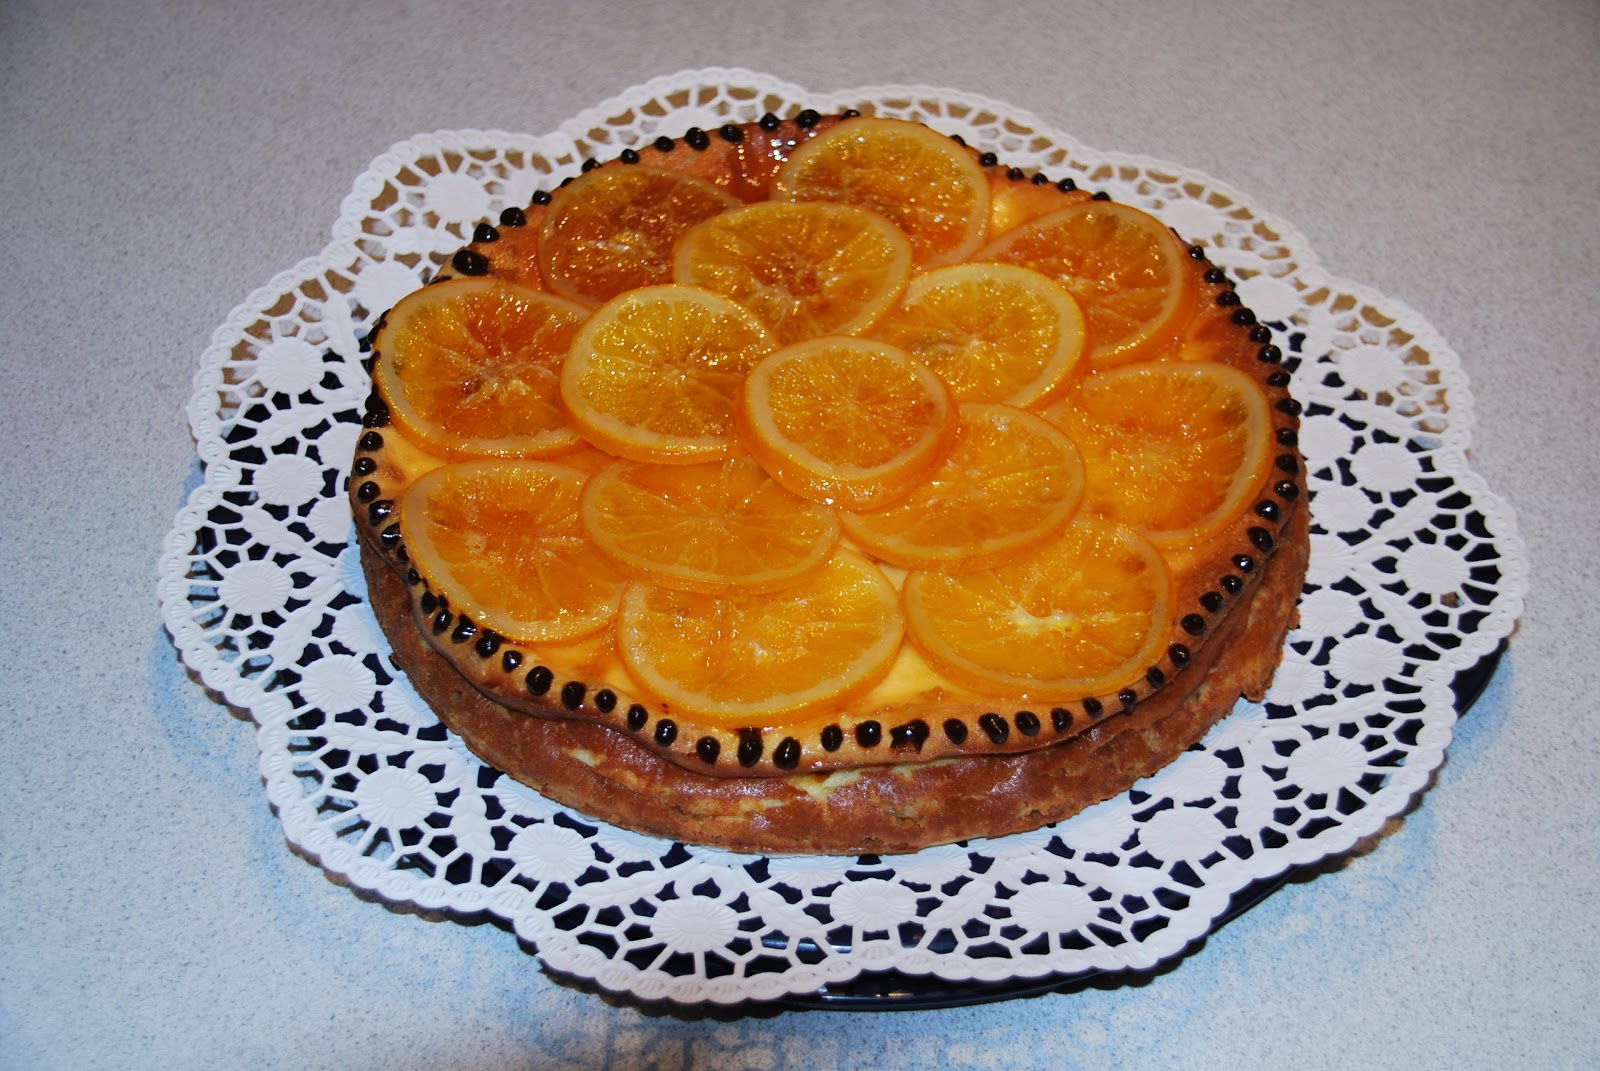 Caramelised Orange Cheesecake